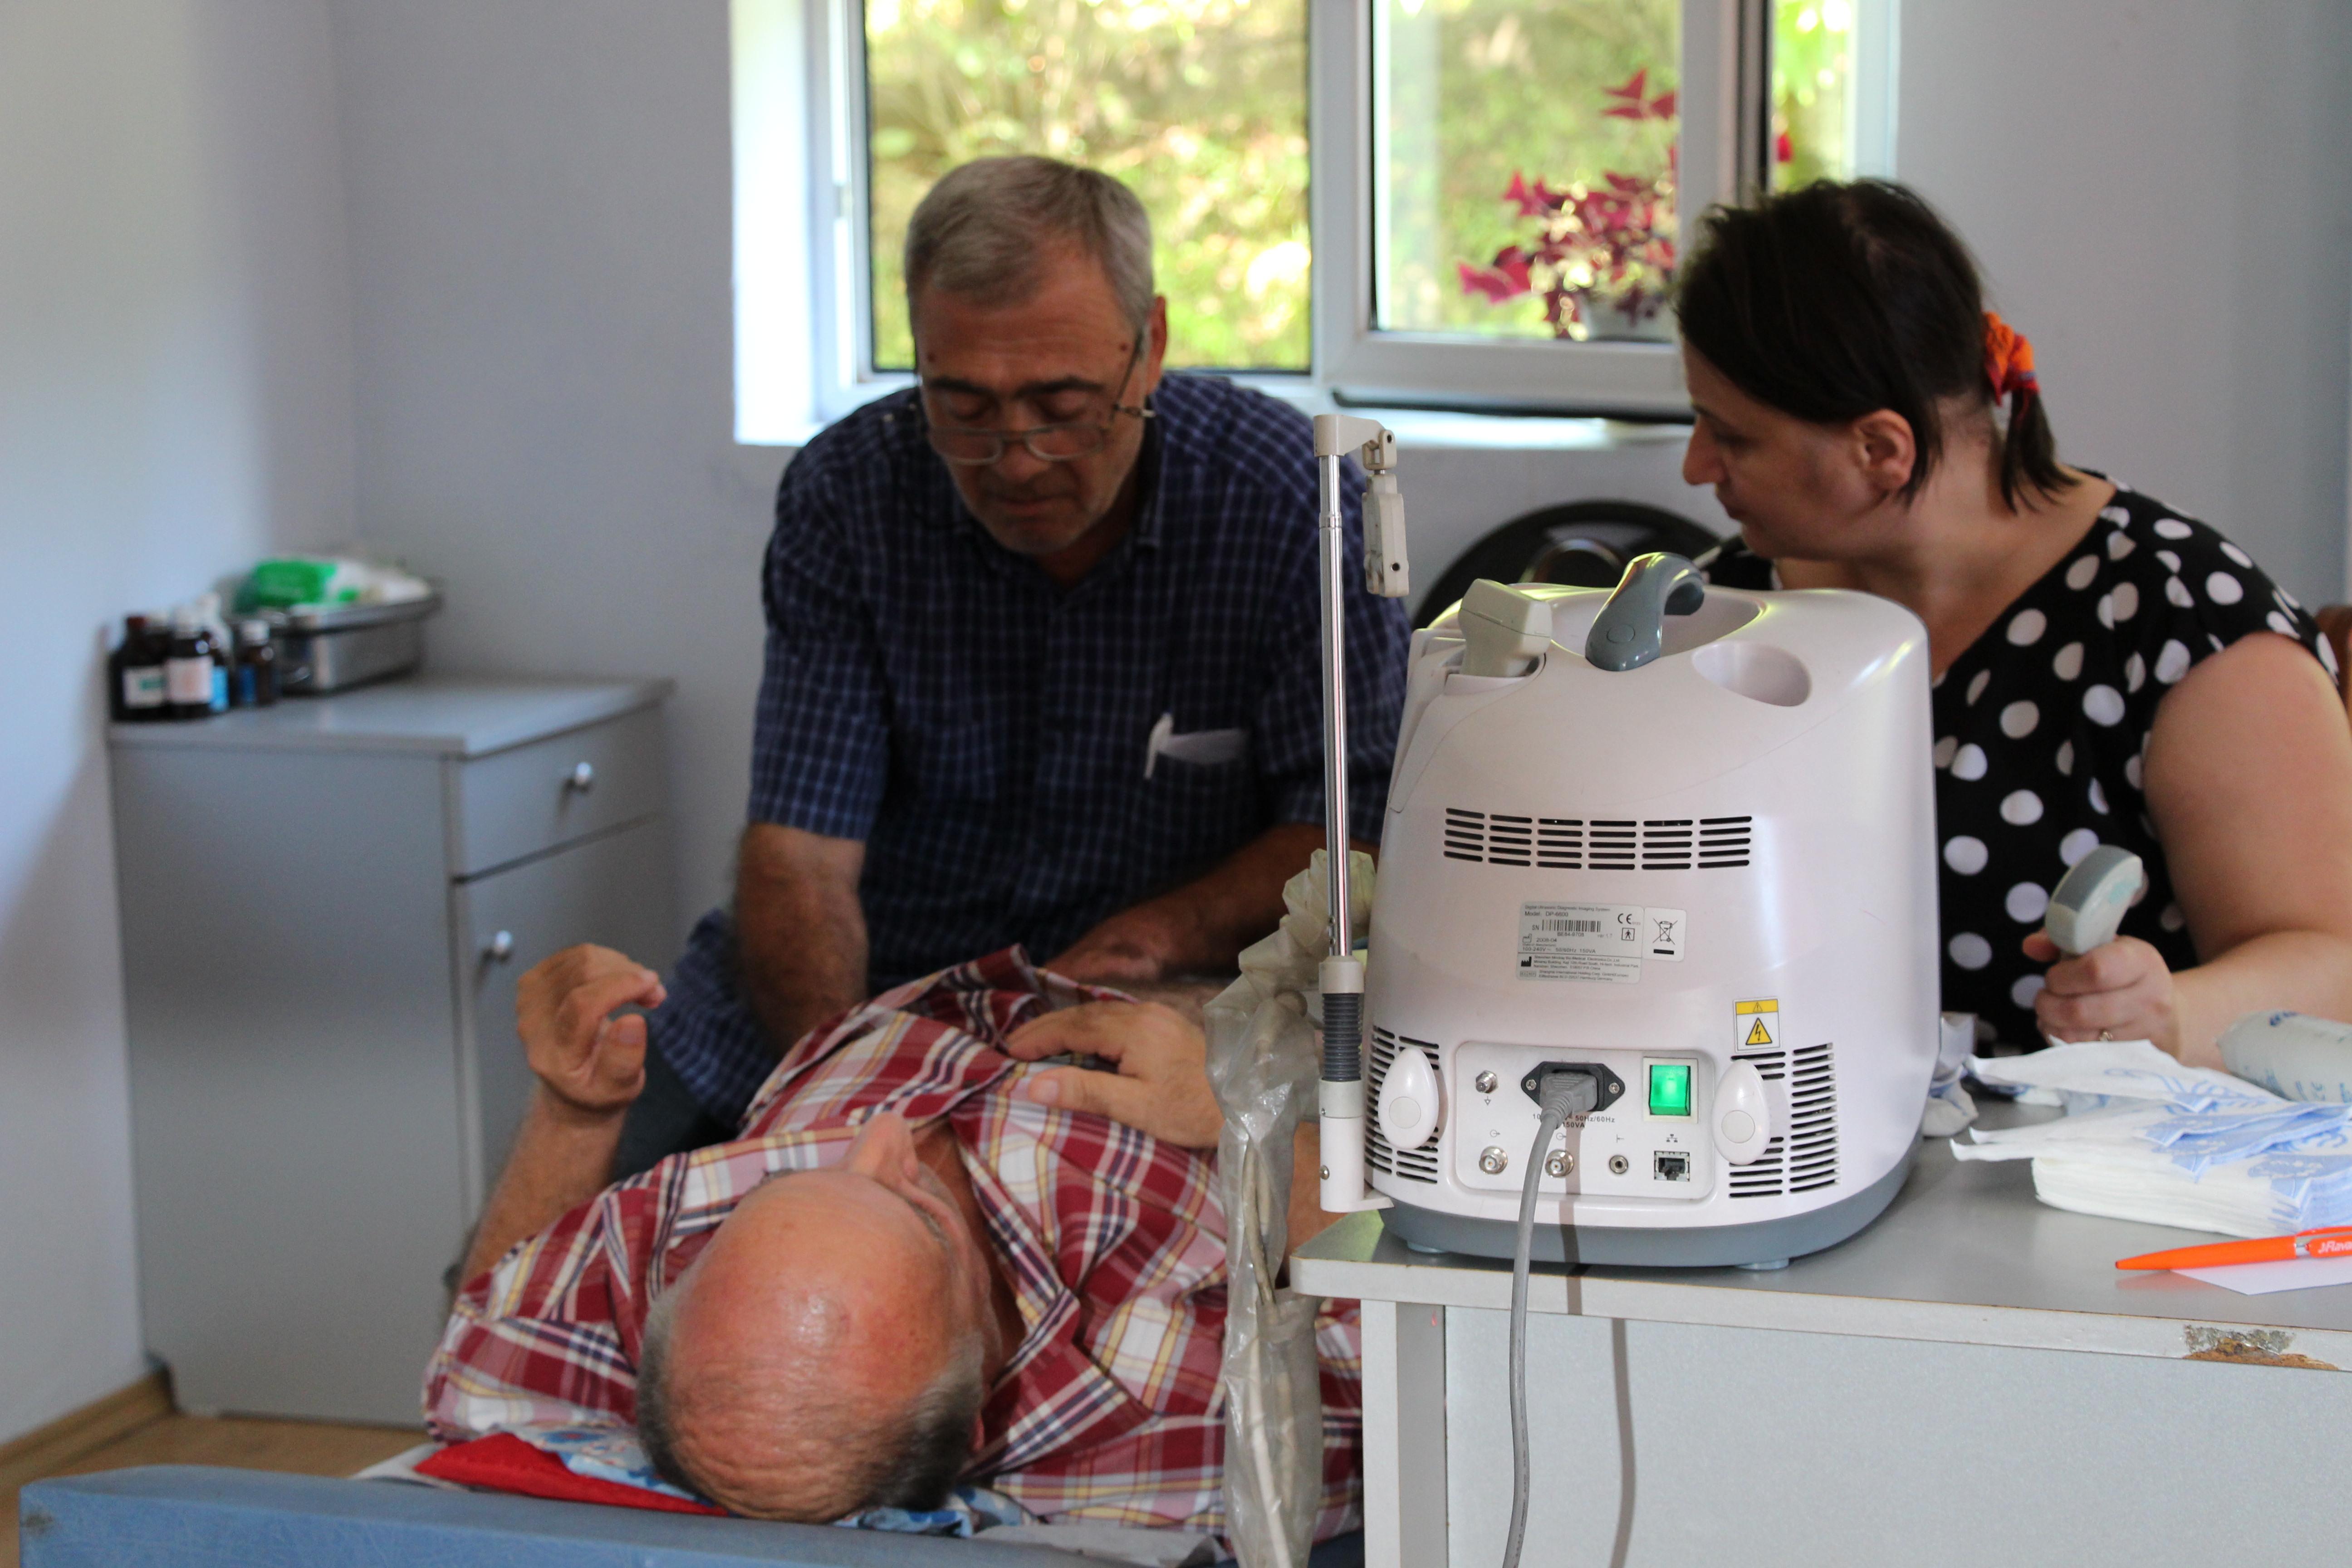 სოფელ ჭახათში უფასო სამედიცინო მომსახურება 300-დე პაციენტს გაეწია